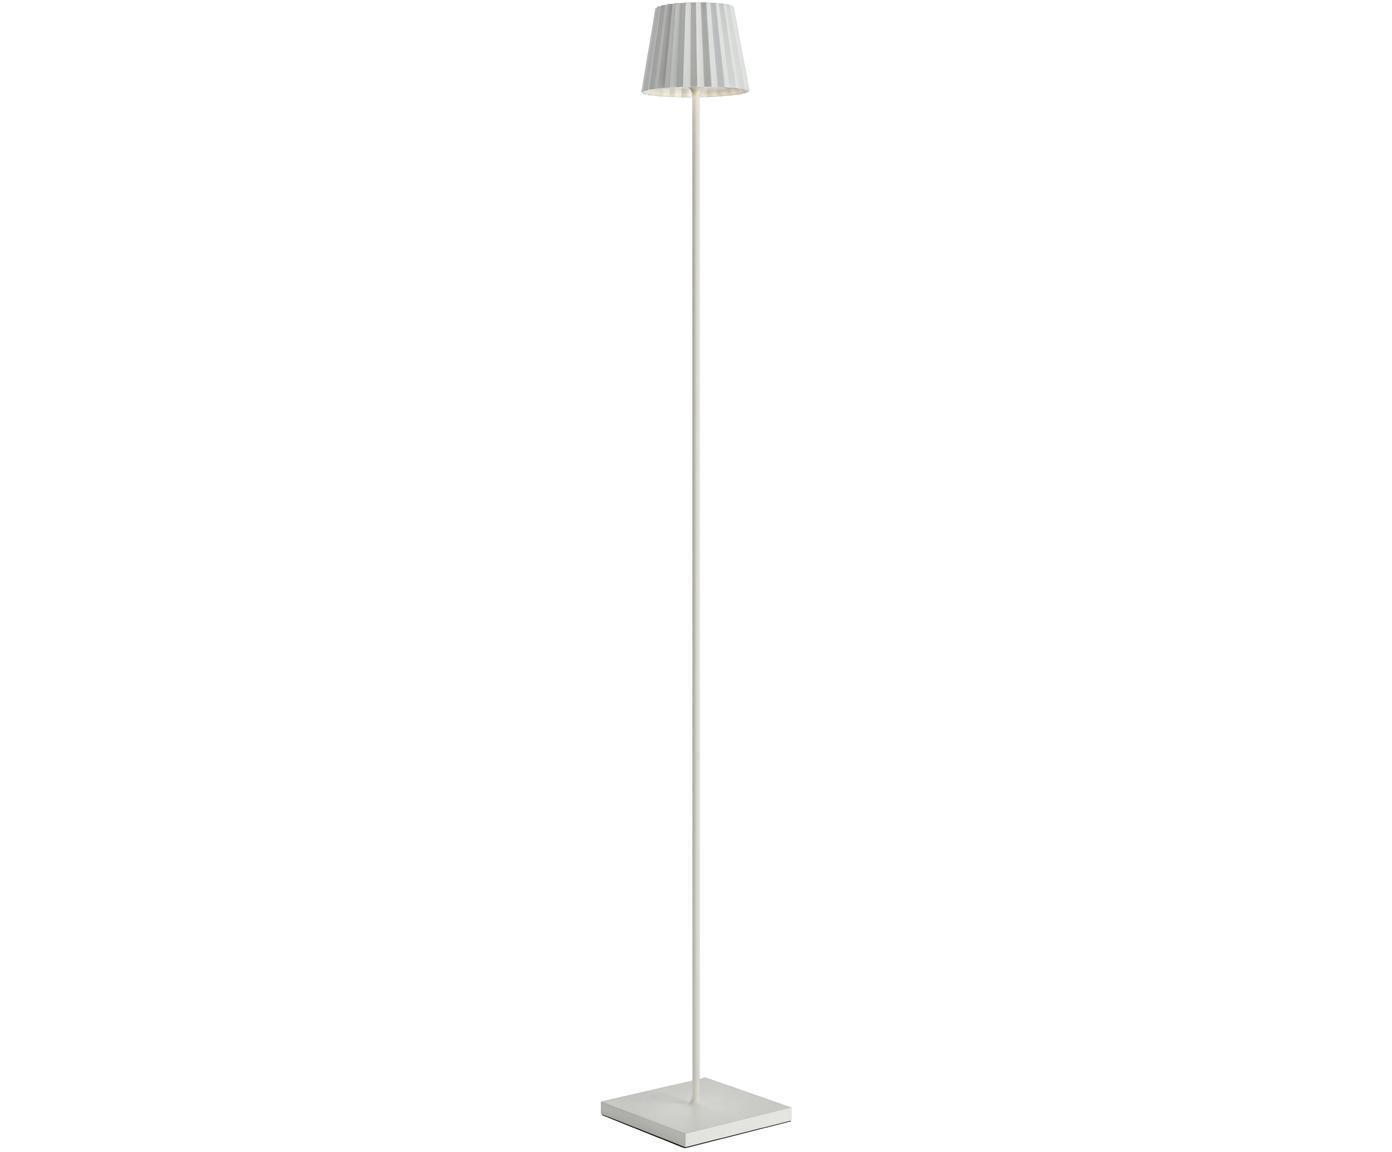 Zewnętrzna mobilna lampa podłogowa LED Trellia, Aluminium lakierowane, Biały, Ø 15 x W 120 cm